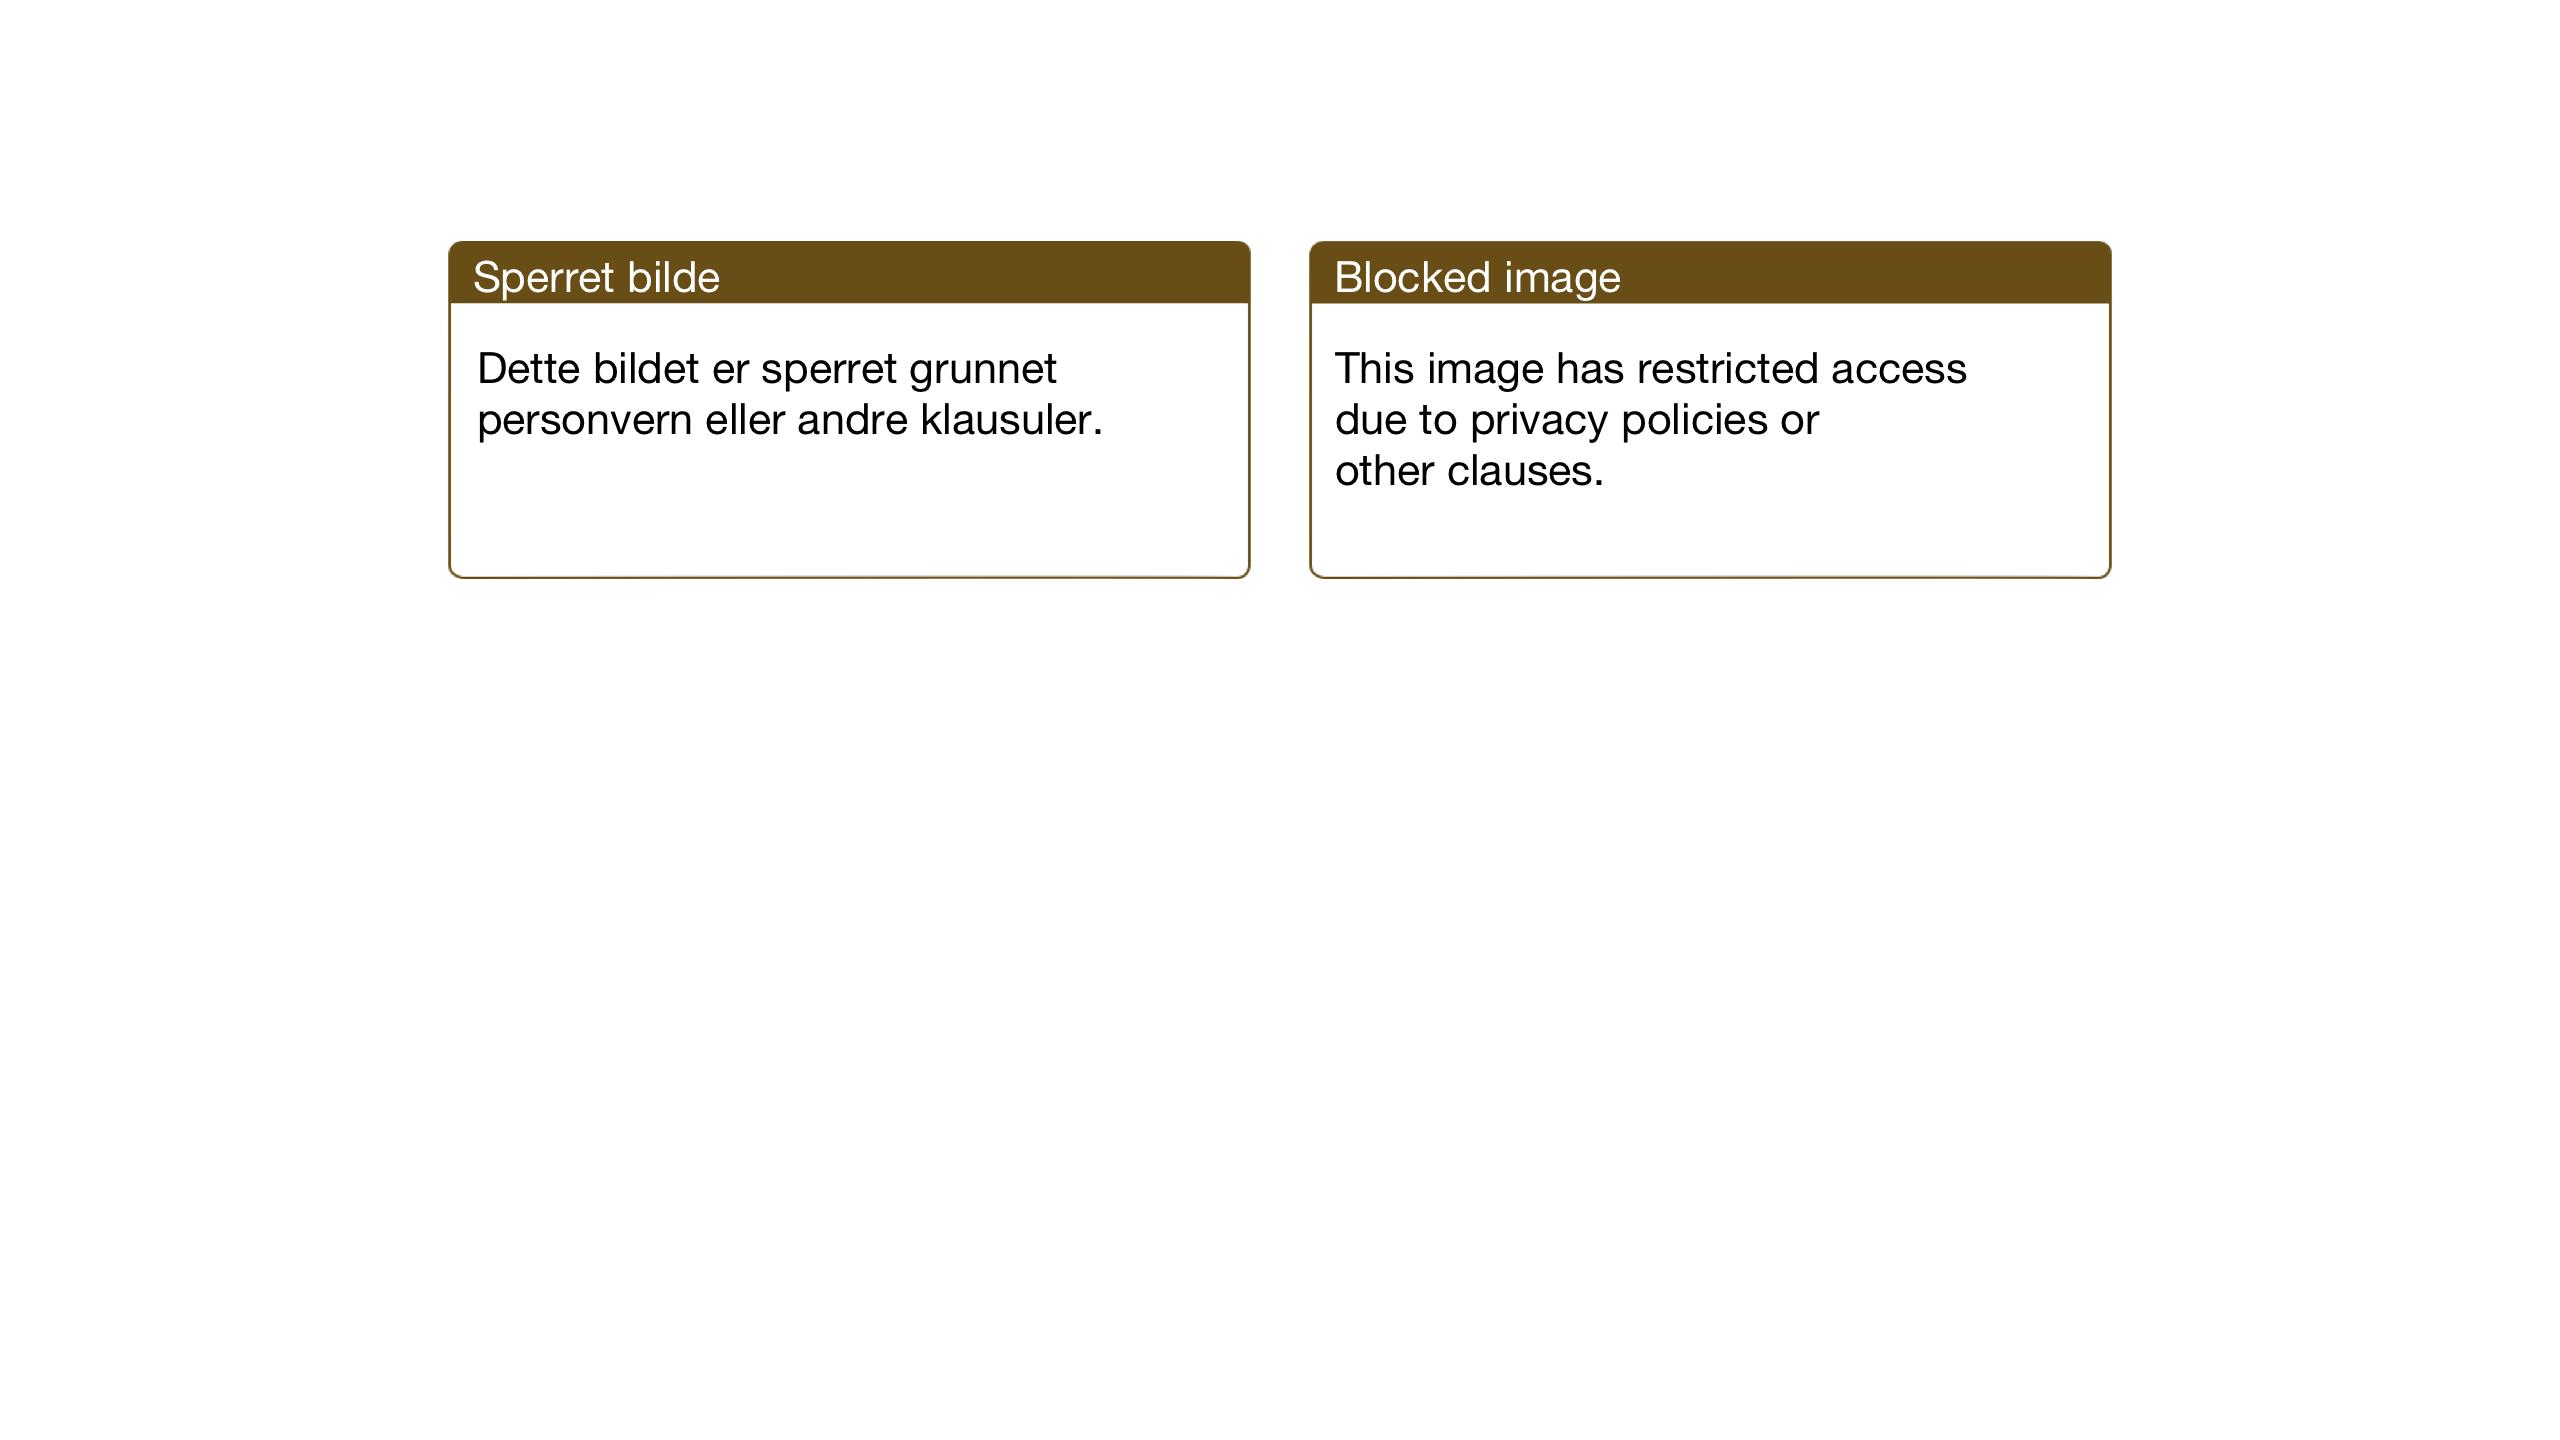 SAT, Ministerialprotokoller, klokkerbøker og fødselsregistre - Nord-Trøndelag, 714/L0136: Klokkerbok nr. 714C05, 1918-1957, s. 254